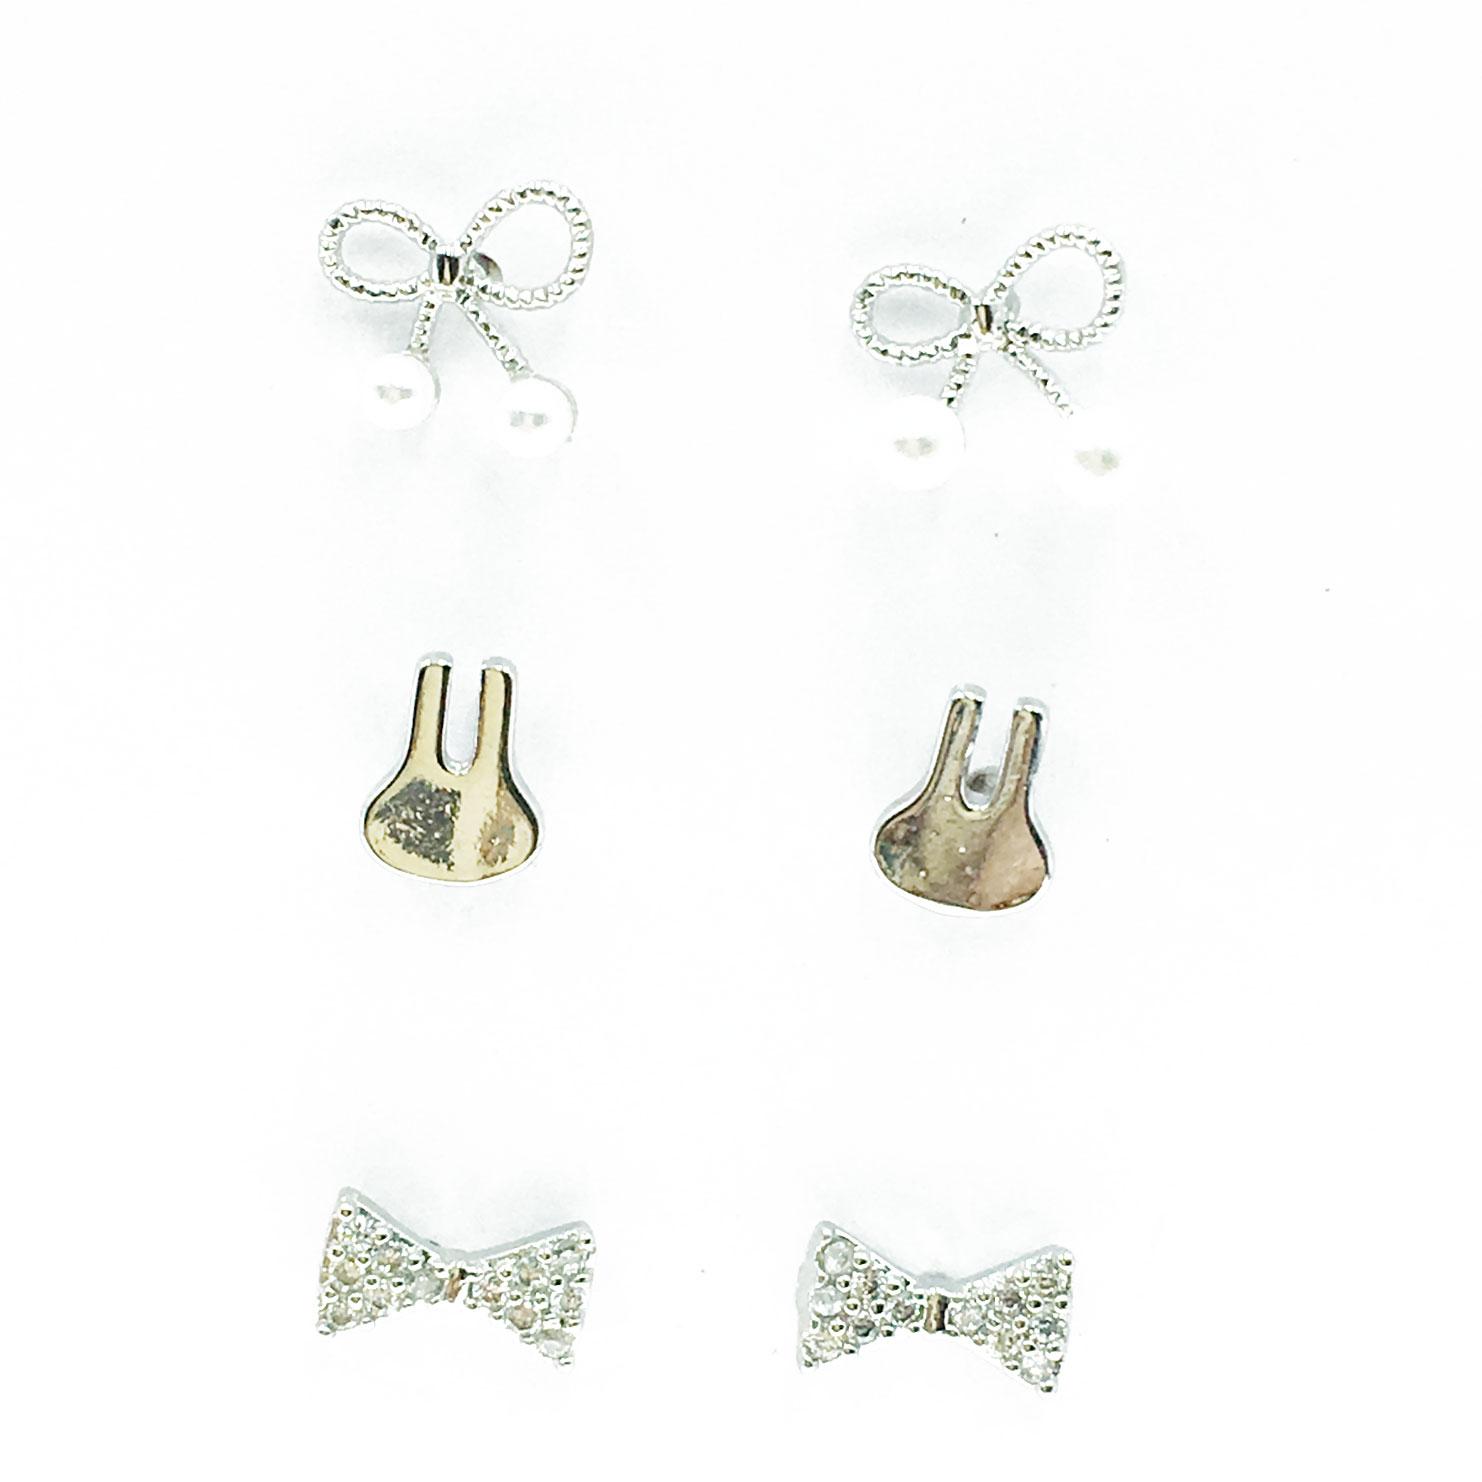 韓國 925純銀 水鑽 蝴蝶結 兔子 珍珠 6入組 耳針式 耳環